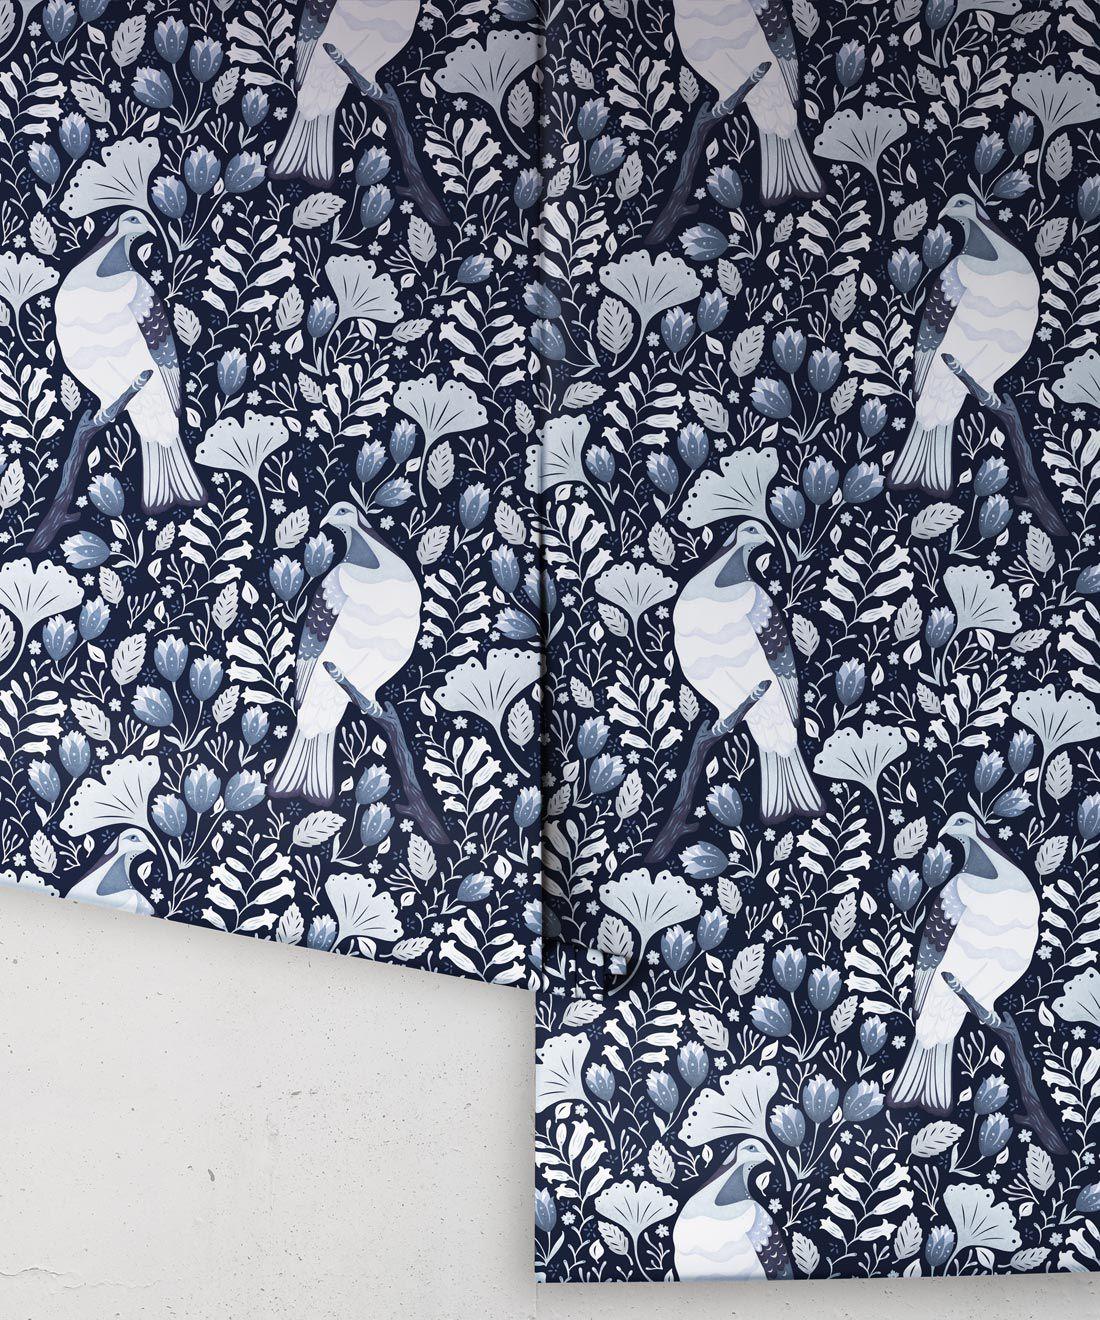 Kereru Wallpaper • Wood Pigeon• Bird Wallpaper • Ice Blue Wallpaper Drops